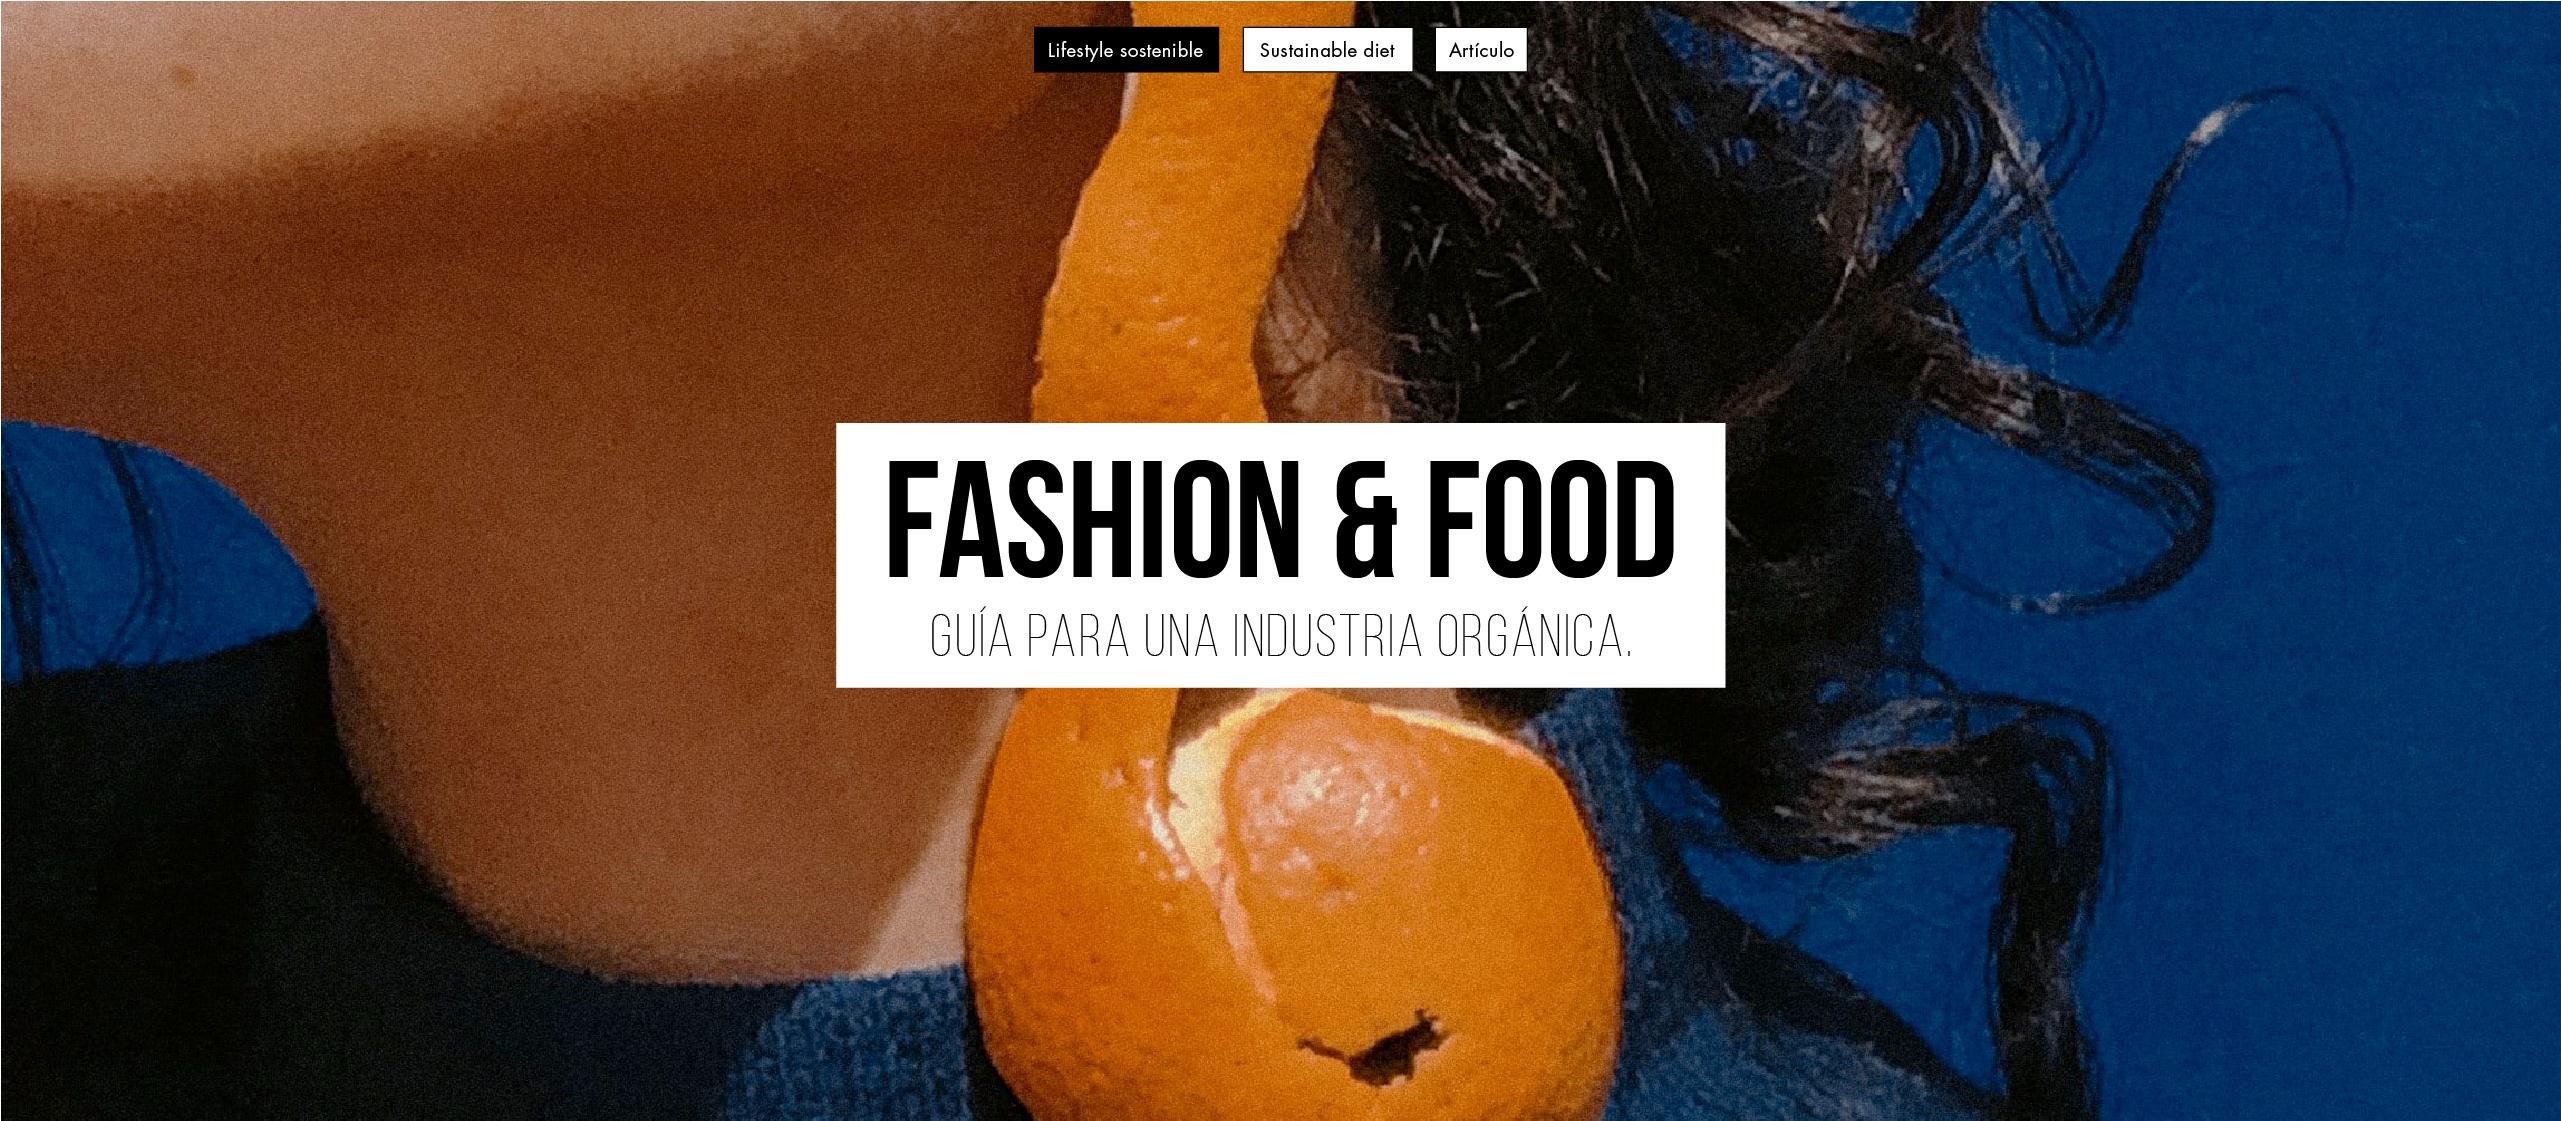 Fashion & Food: Guía para una industria orgánica